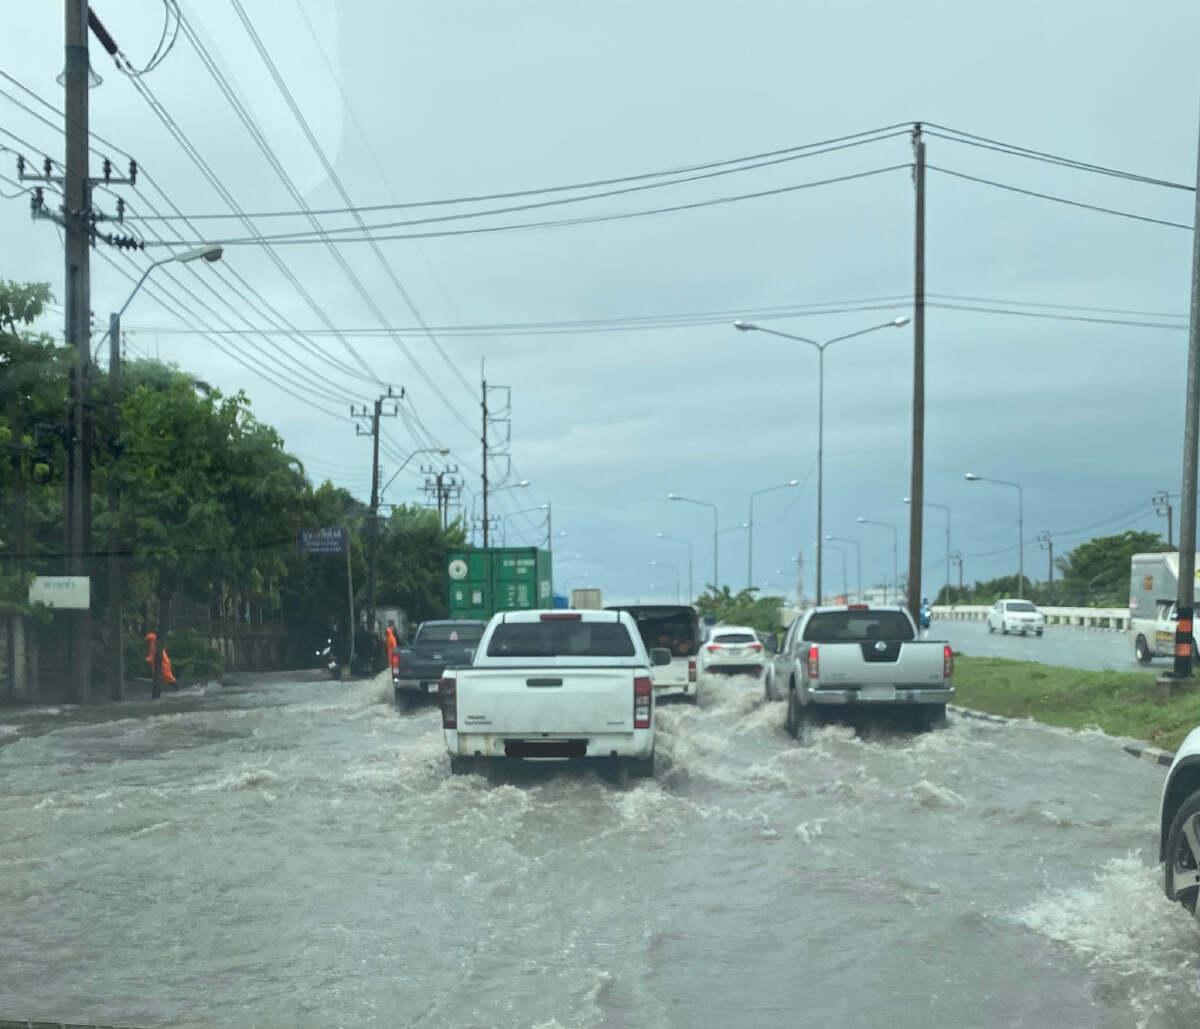 กทม.-ปริมณฑลหลายพื้นที่น้ำท่วมขังหลังฝนกระหน่ำ สมุทรปราการอ่วม